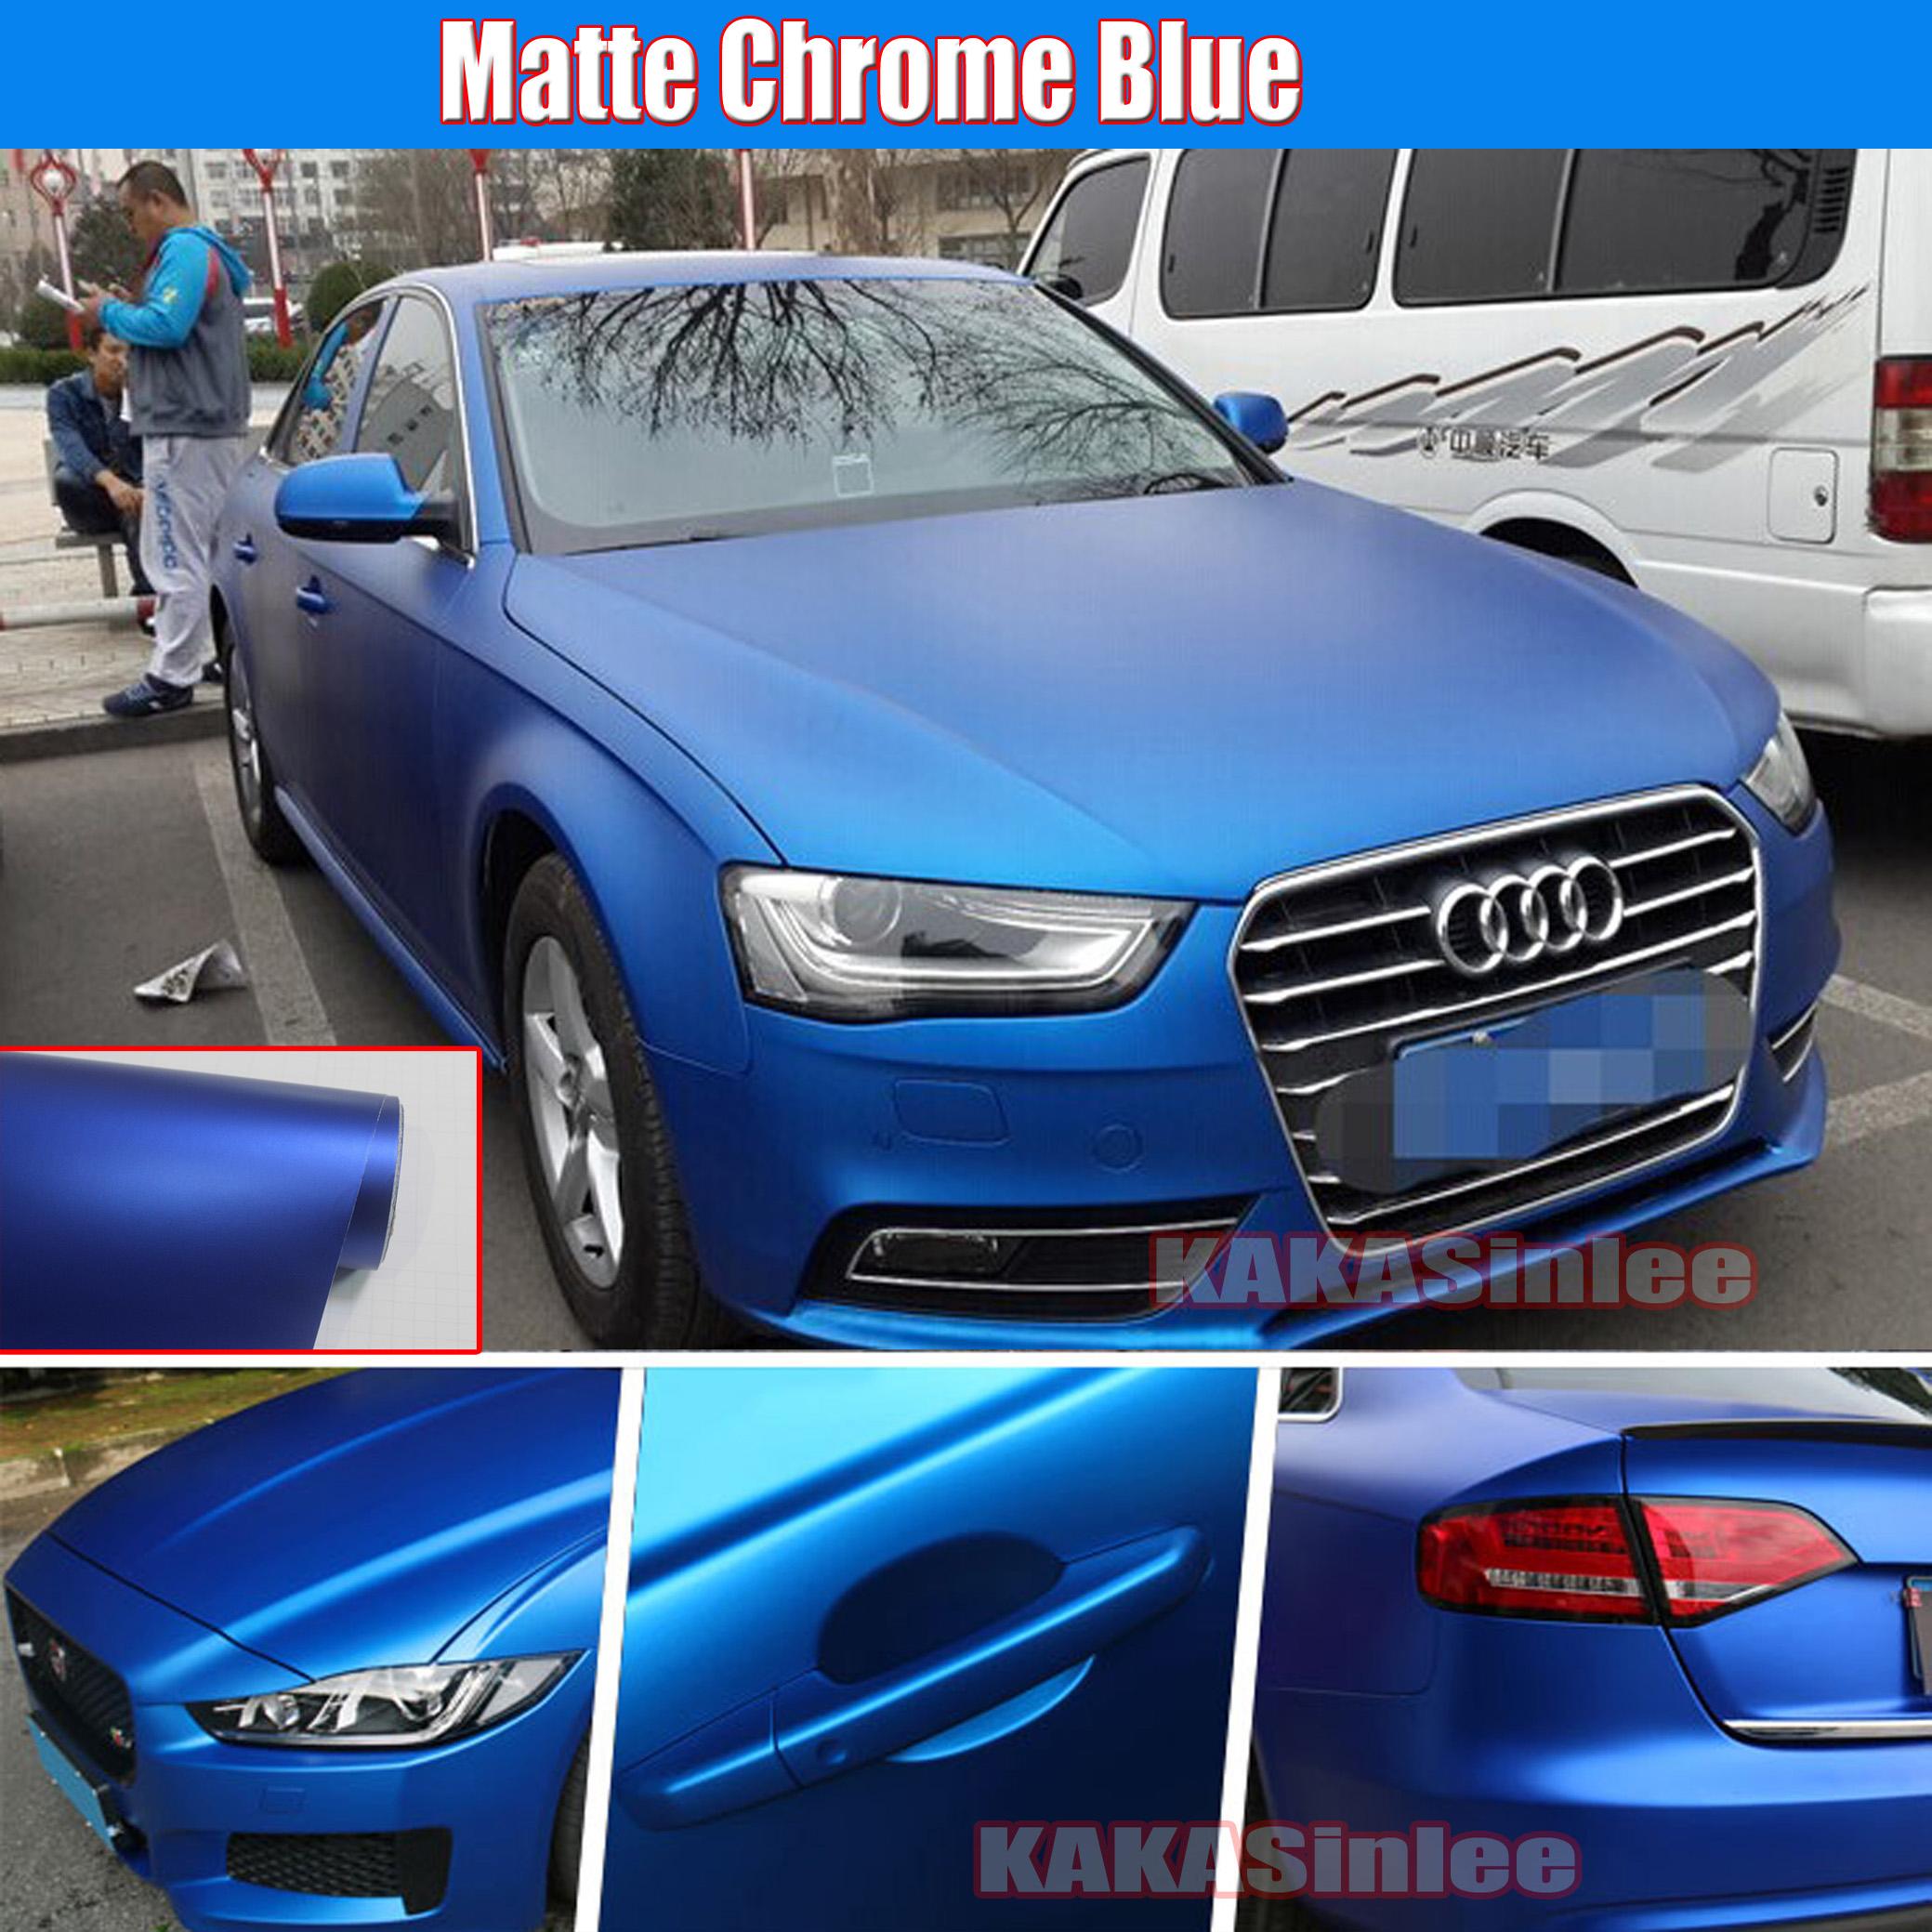 Matte Blue Car >> Details About Multiple Car Satin Matte Metallic Chrome Vinyl Wrap Sticker Stretchable Blue Cf